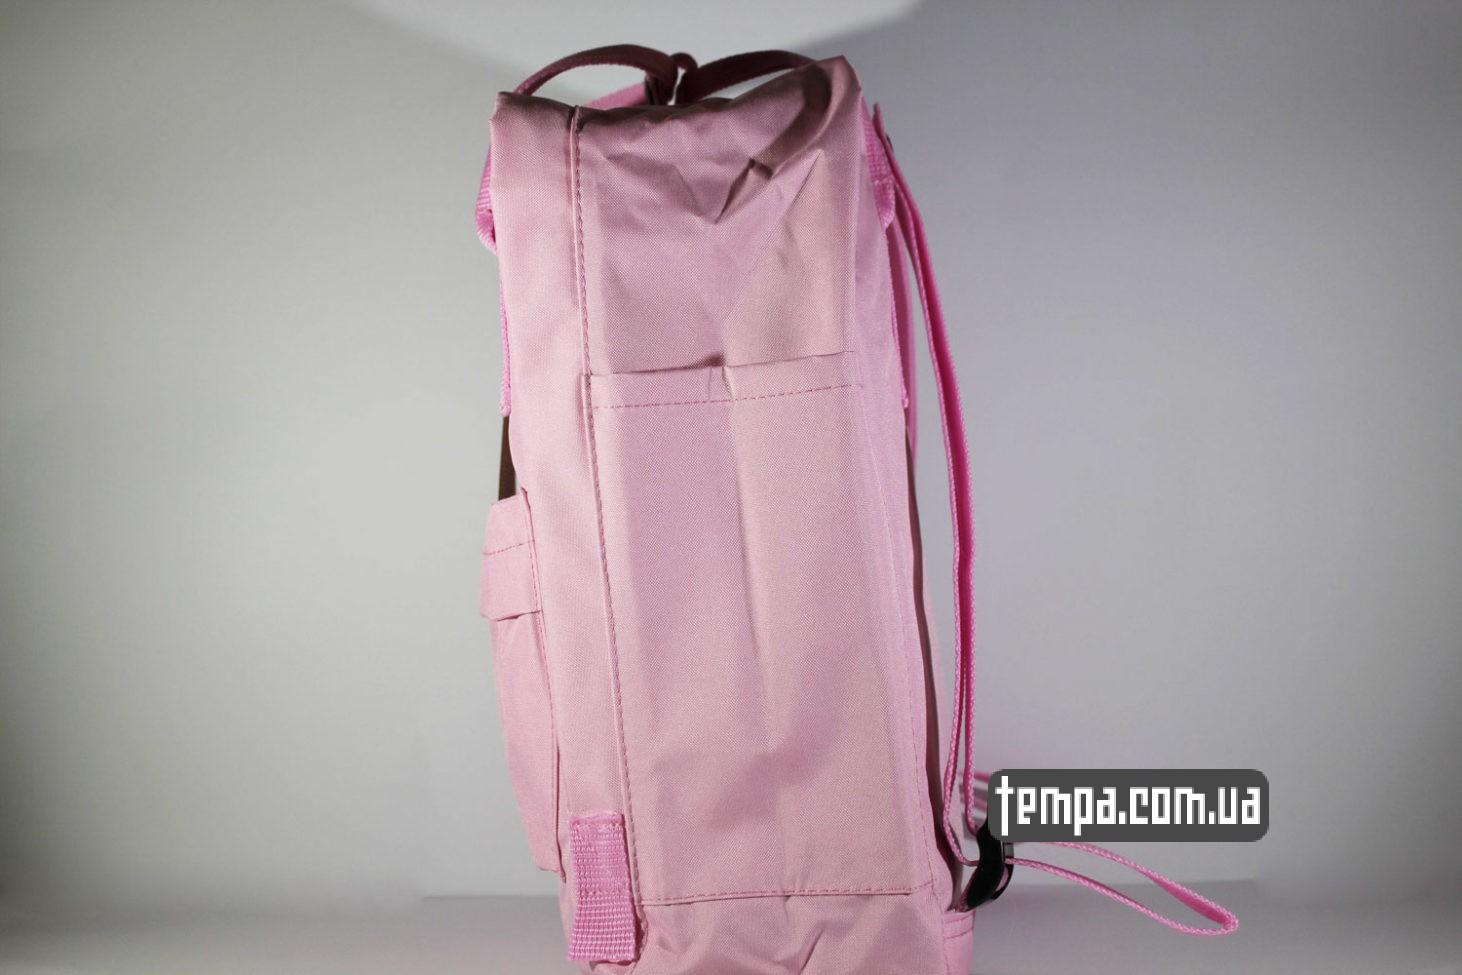 реплка копия купить дешево рюкзак Kånken — Fjällräven розовый яркий купить Украина